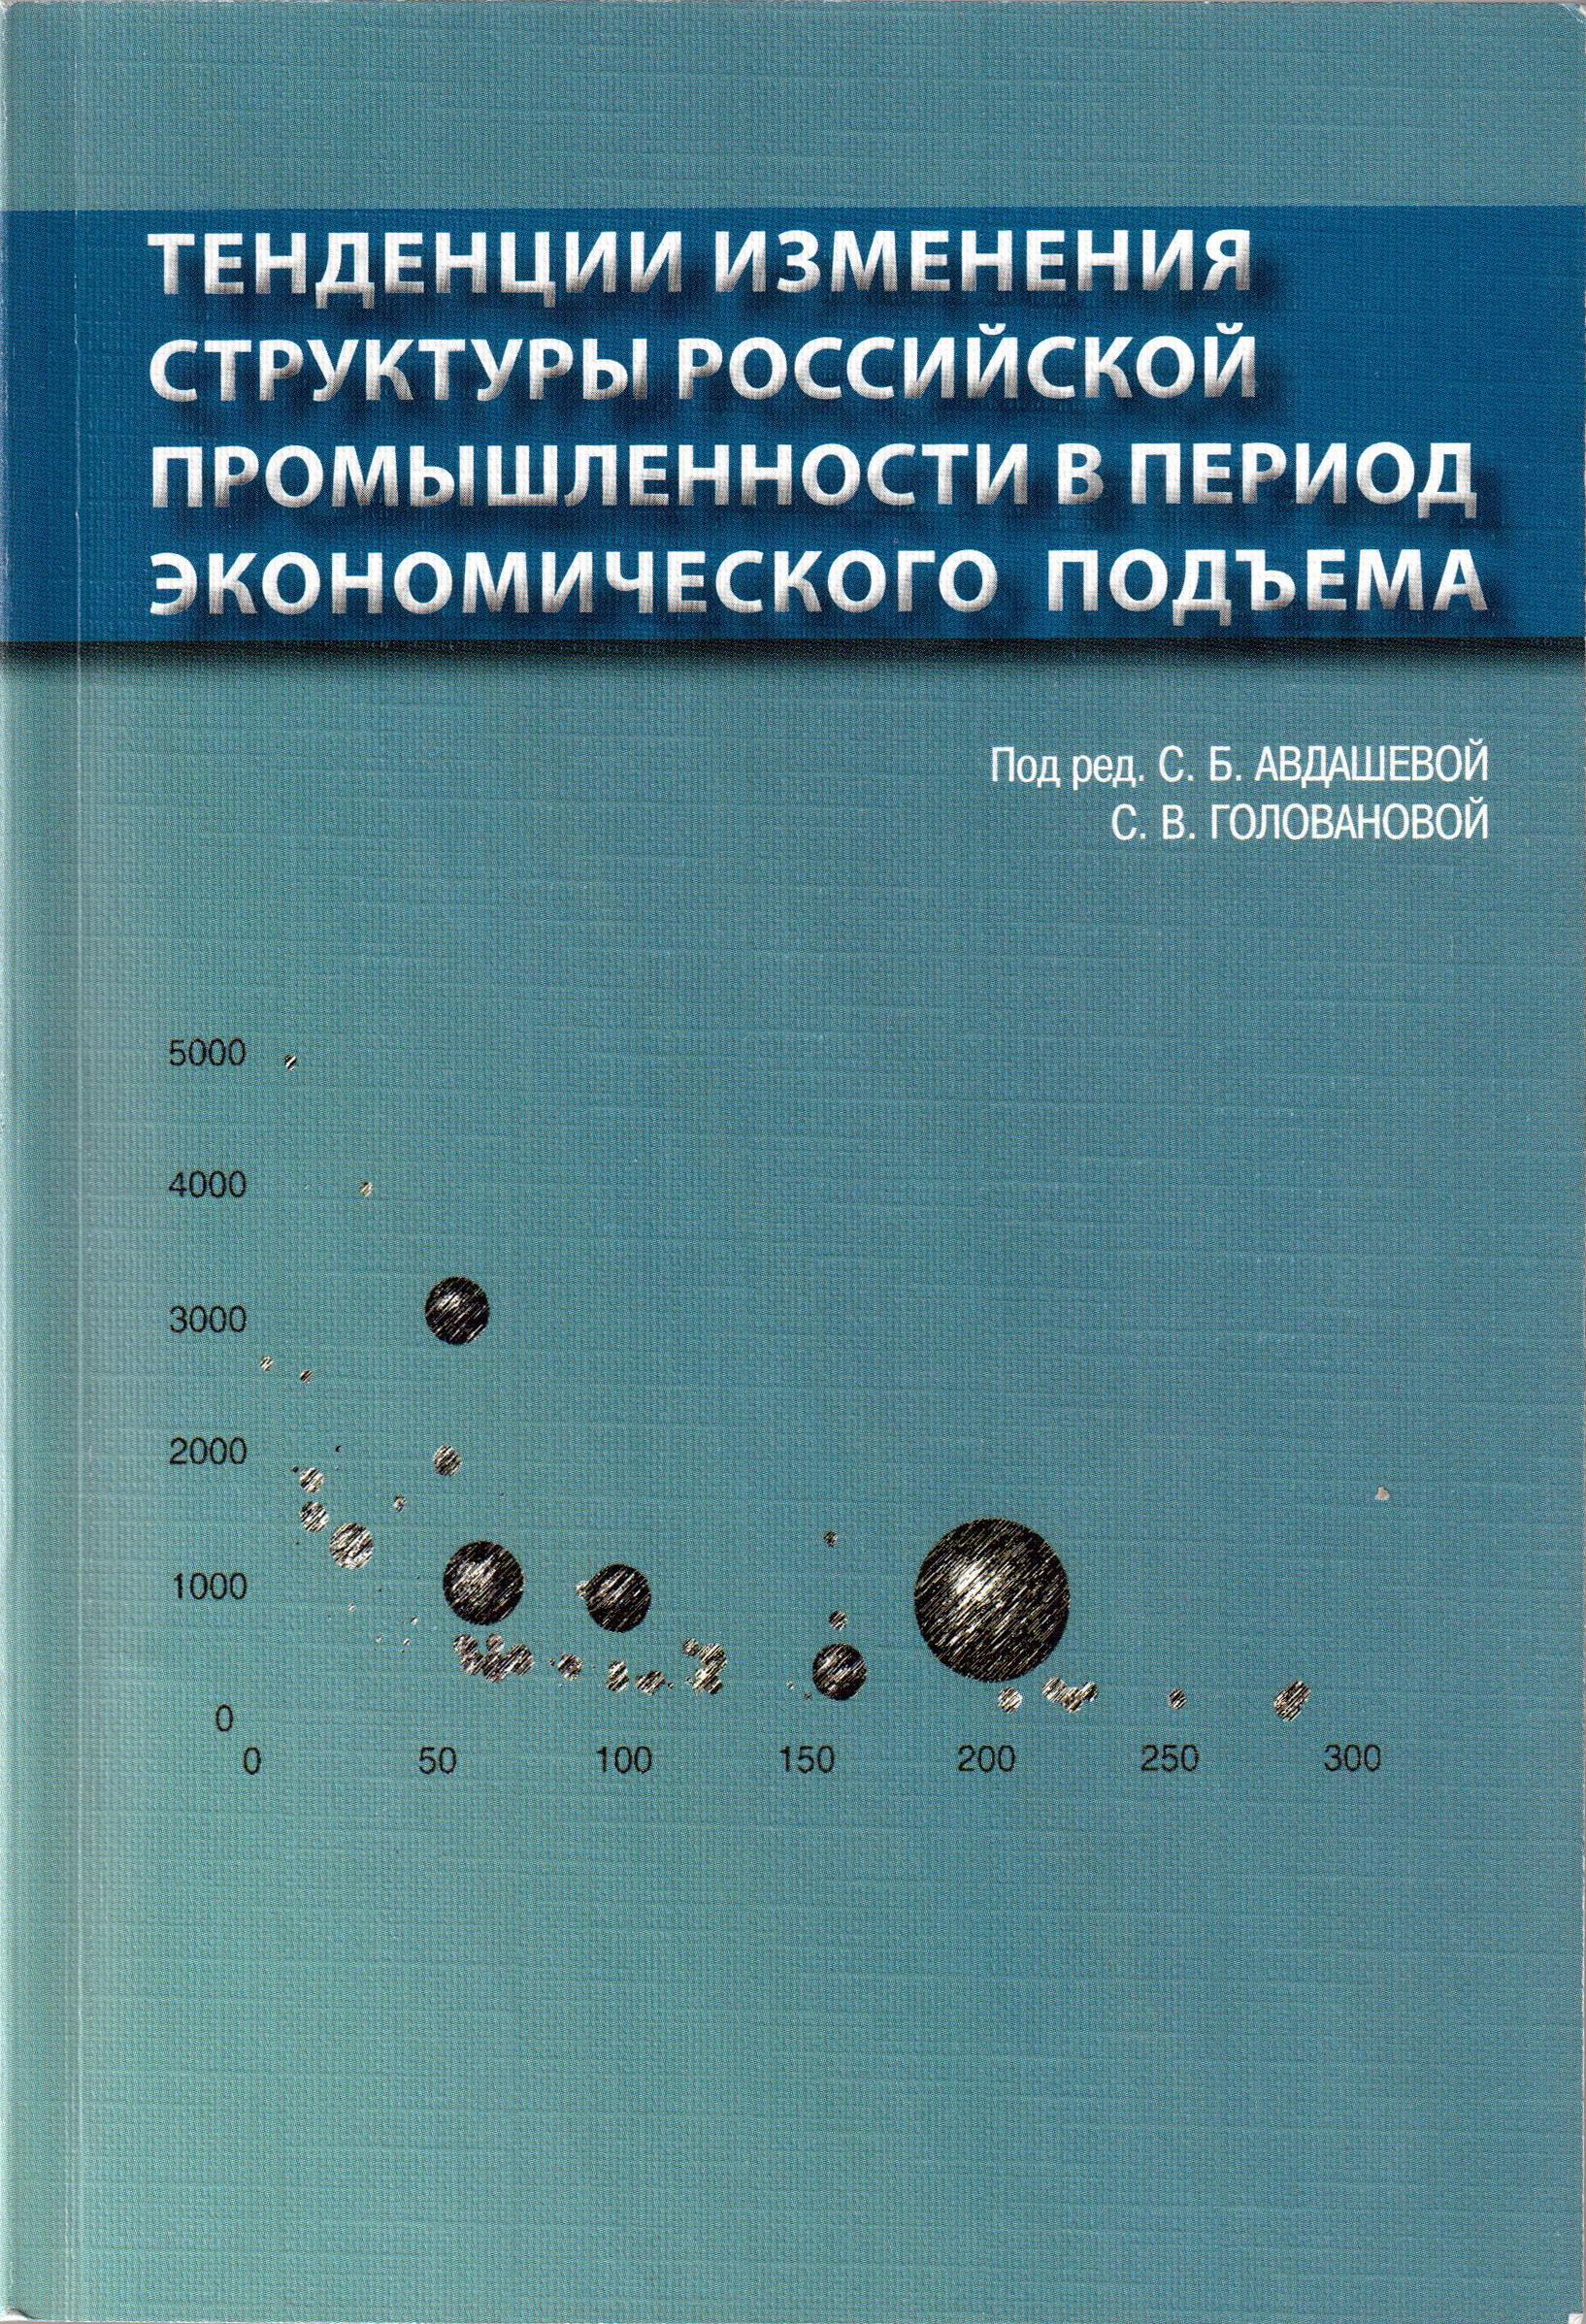 Тенденции изменения структуры российской промышленности в период экономического подъема